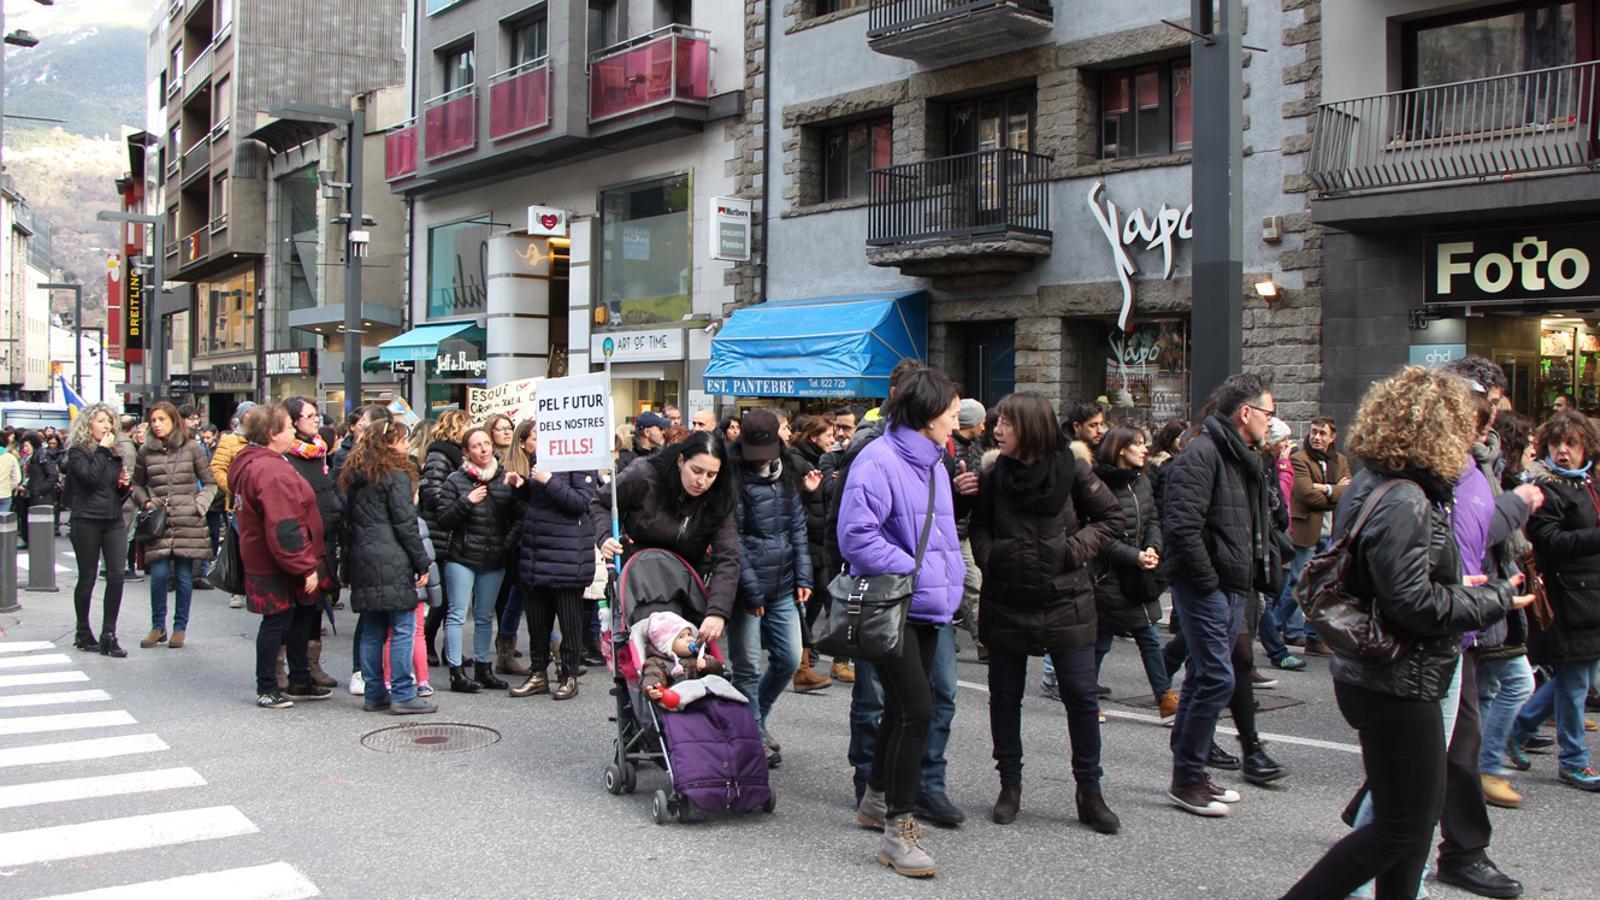 Els funcionaris han protagonitzat una nova marxa aquest dijous a la tarda, pel carrer Prat de la Creu i l'avinguda Meritxell. / E. J. M. (ANA)